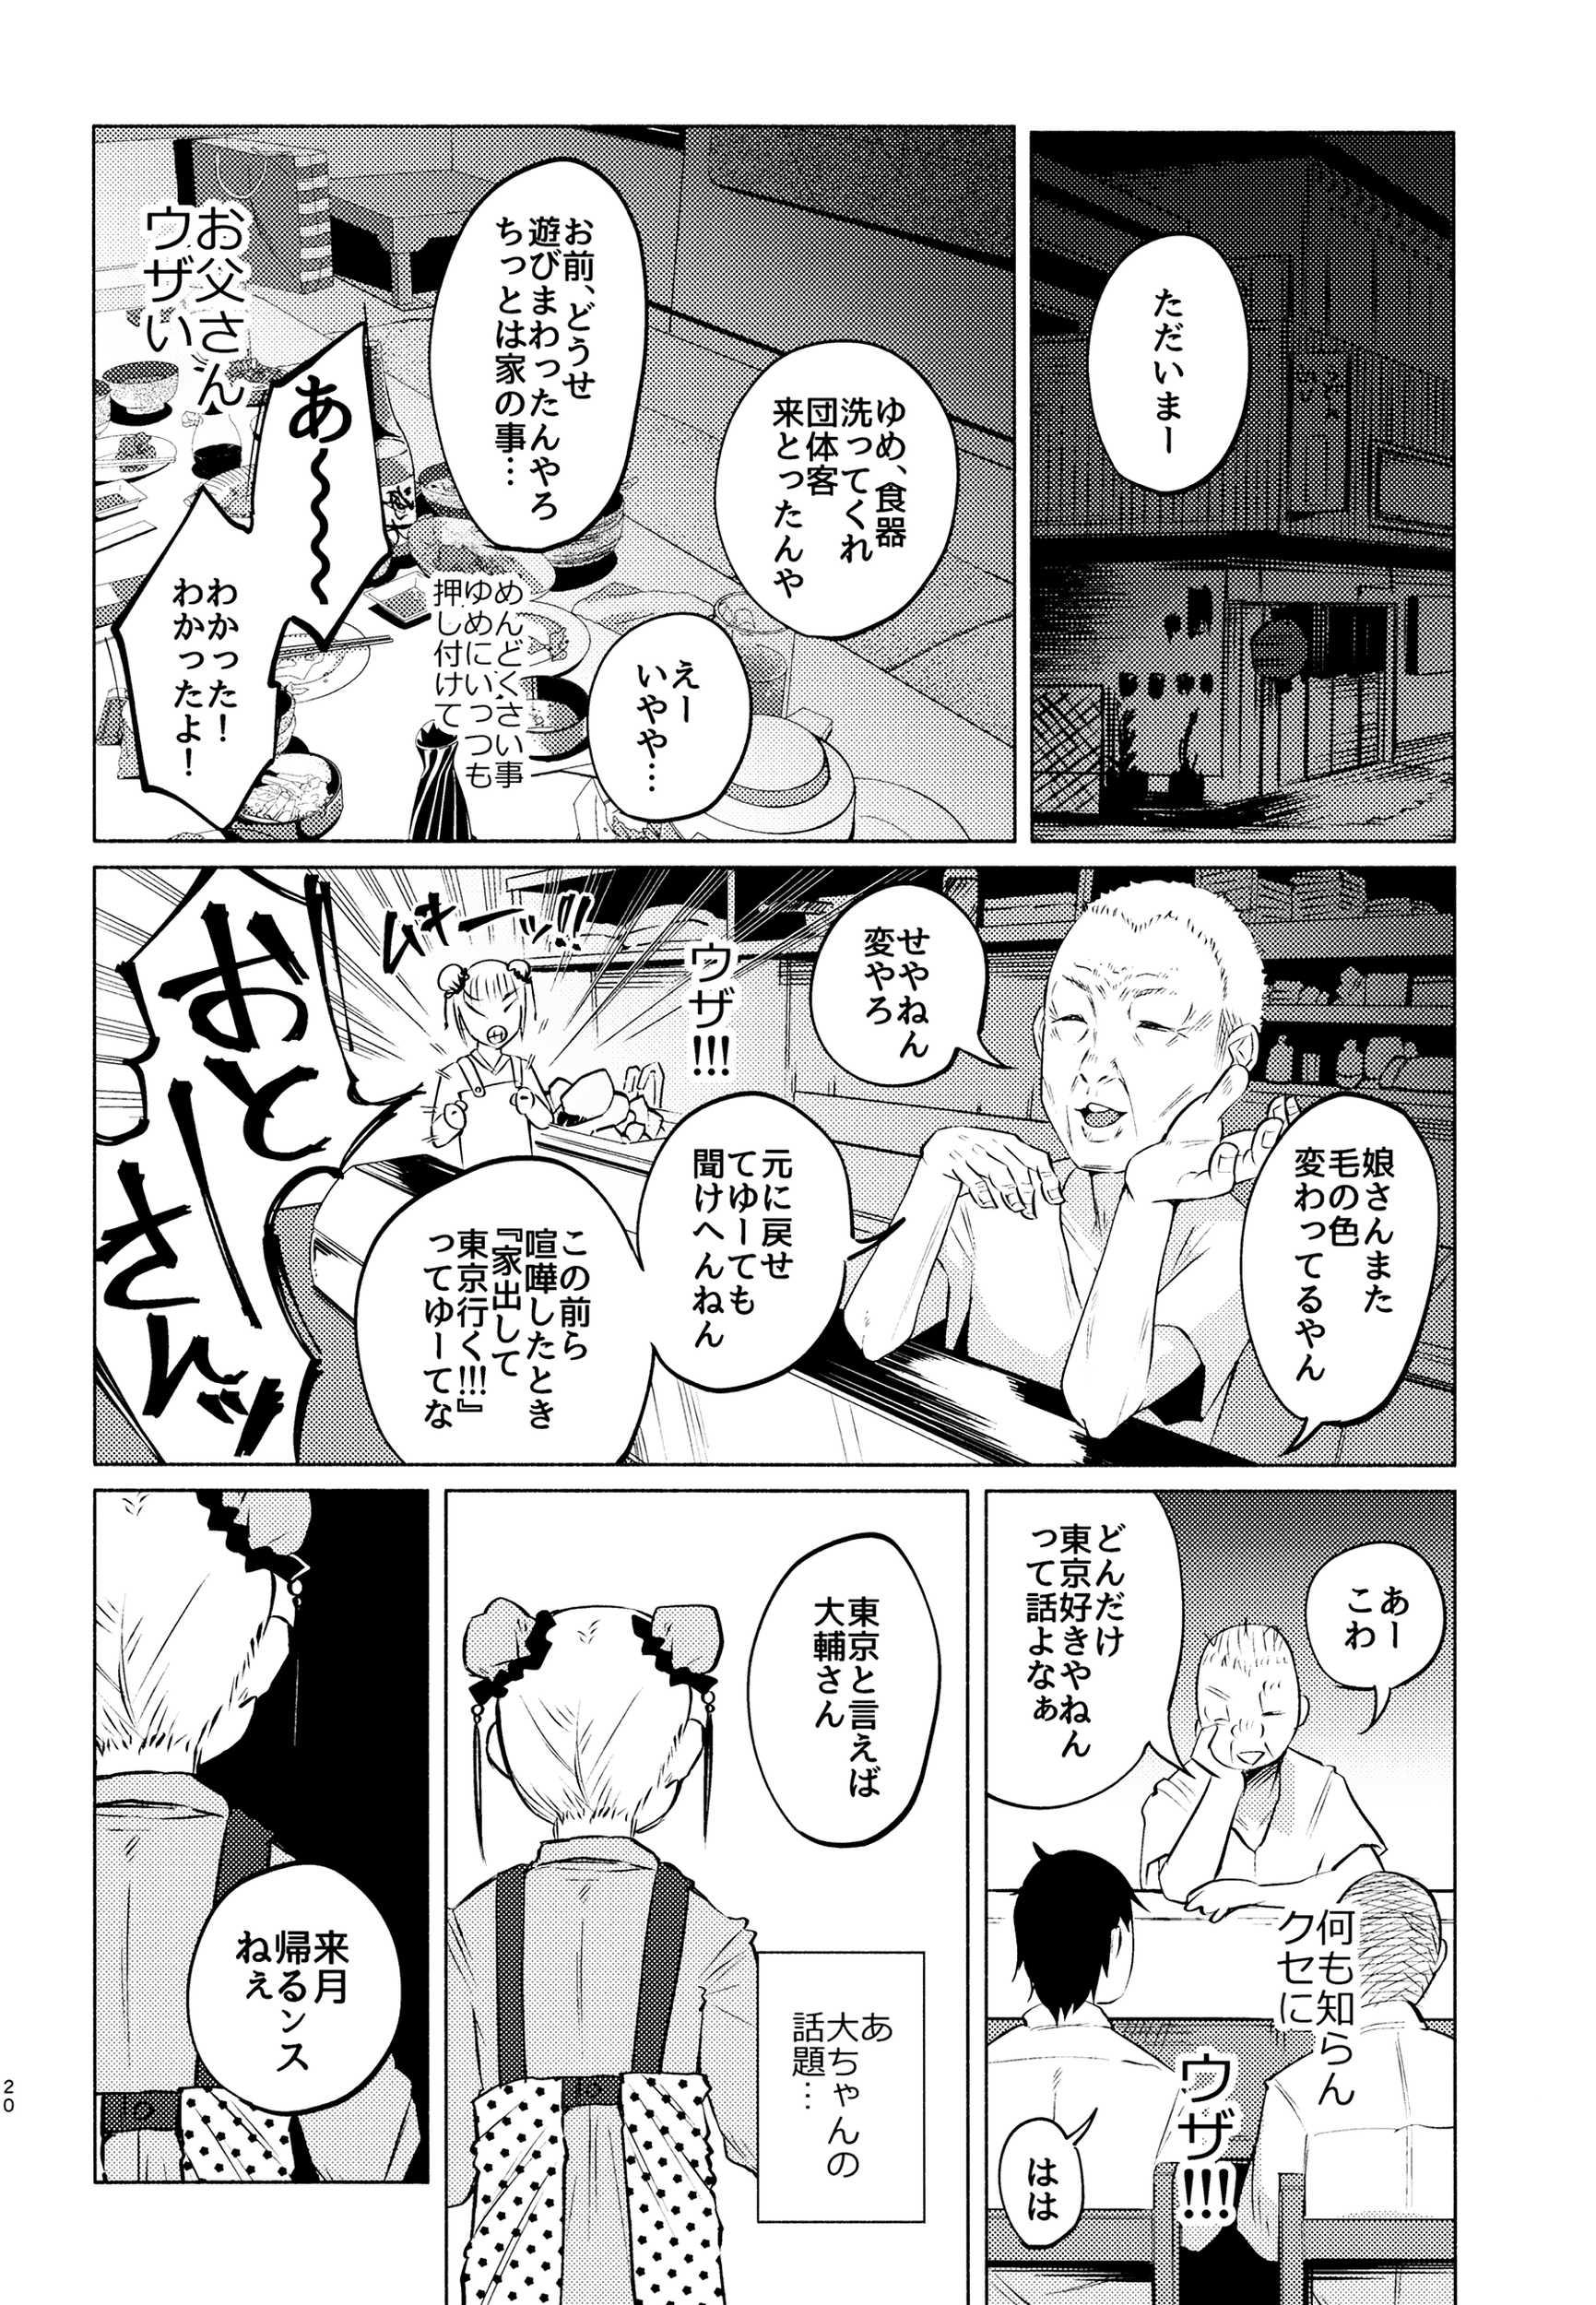 【エロ漫画】ウブな田舎娘に手を出したらヤンデレ化して逆レイプされるww【無料 エロ同人誌】 (19)